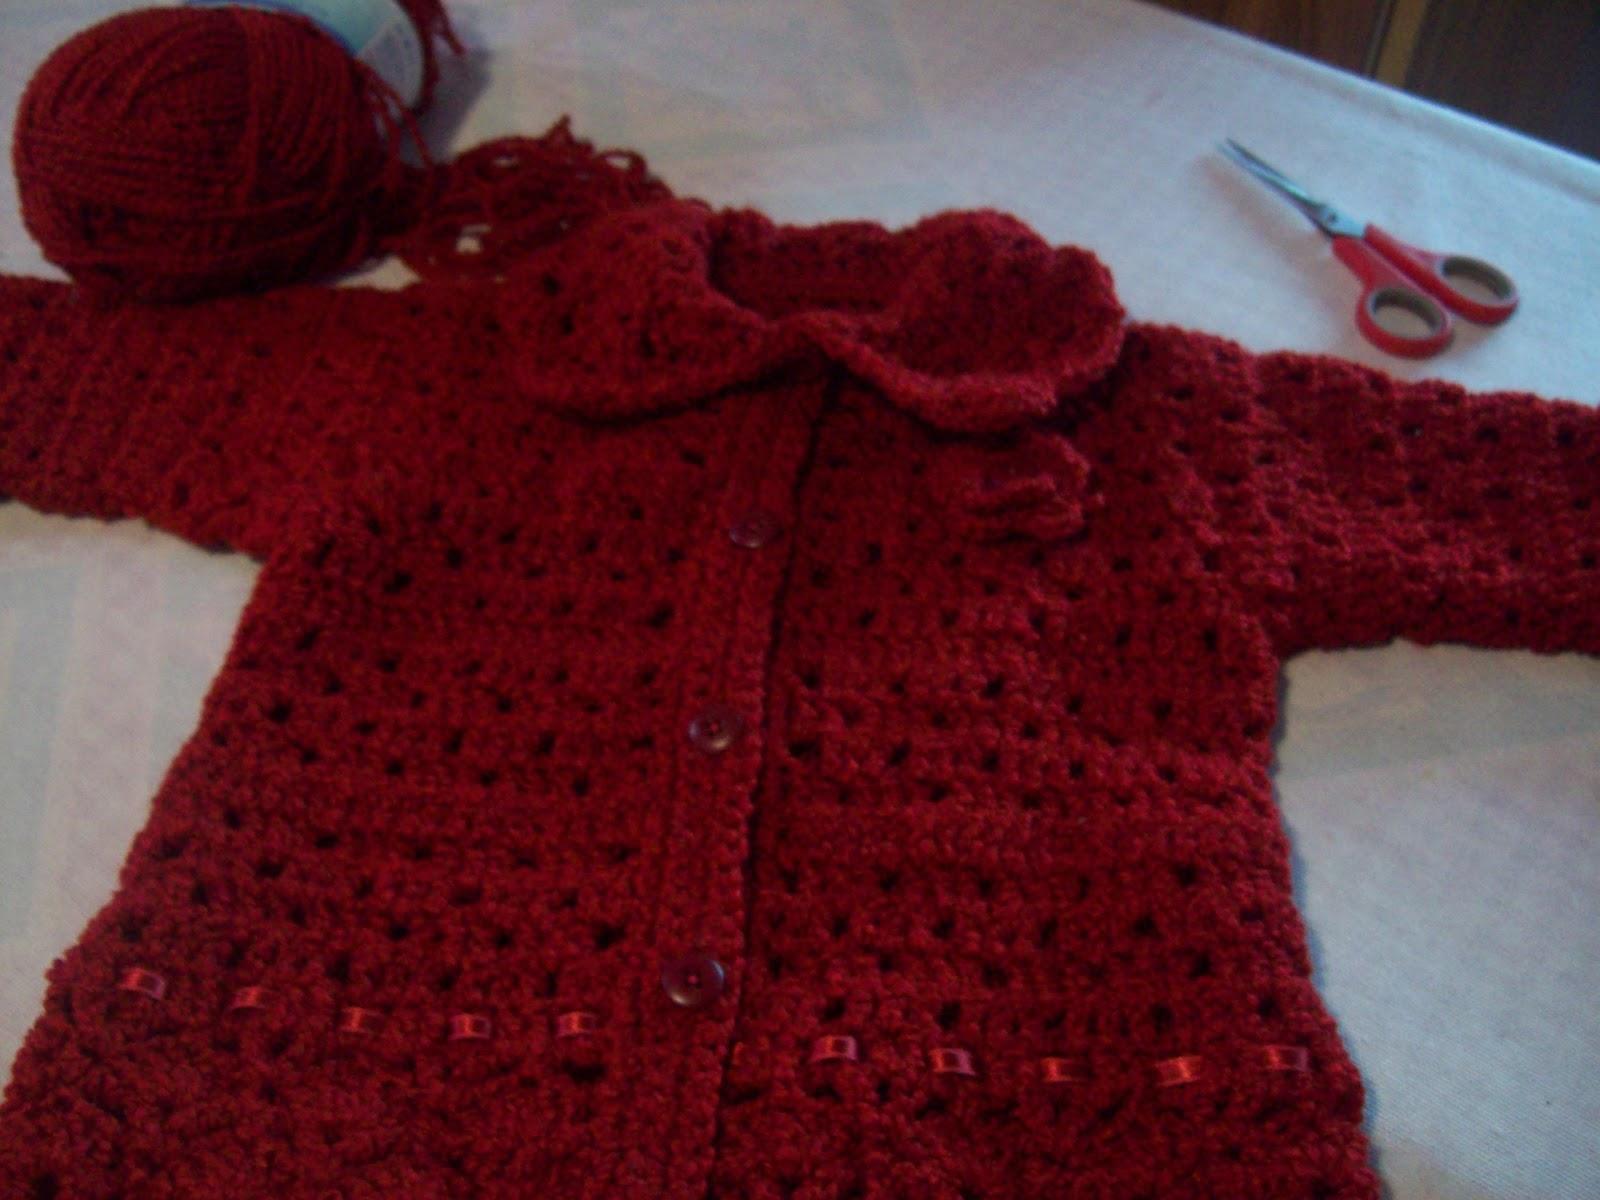 usé una lana buclé de grosor mediano , y aguja núm 4